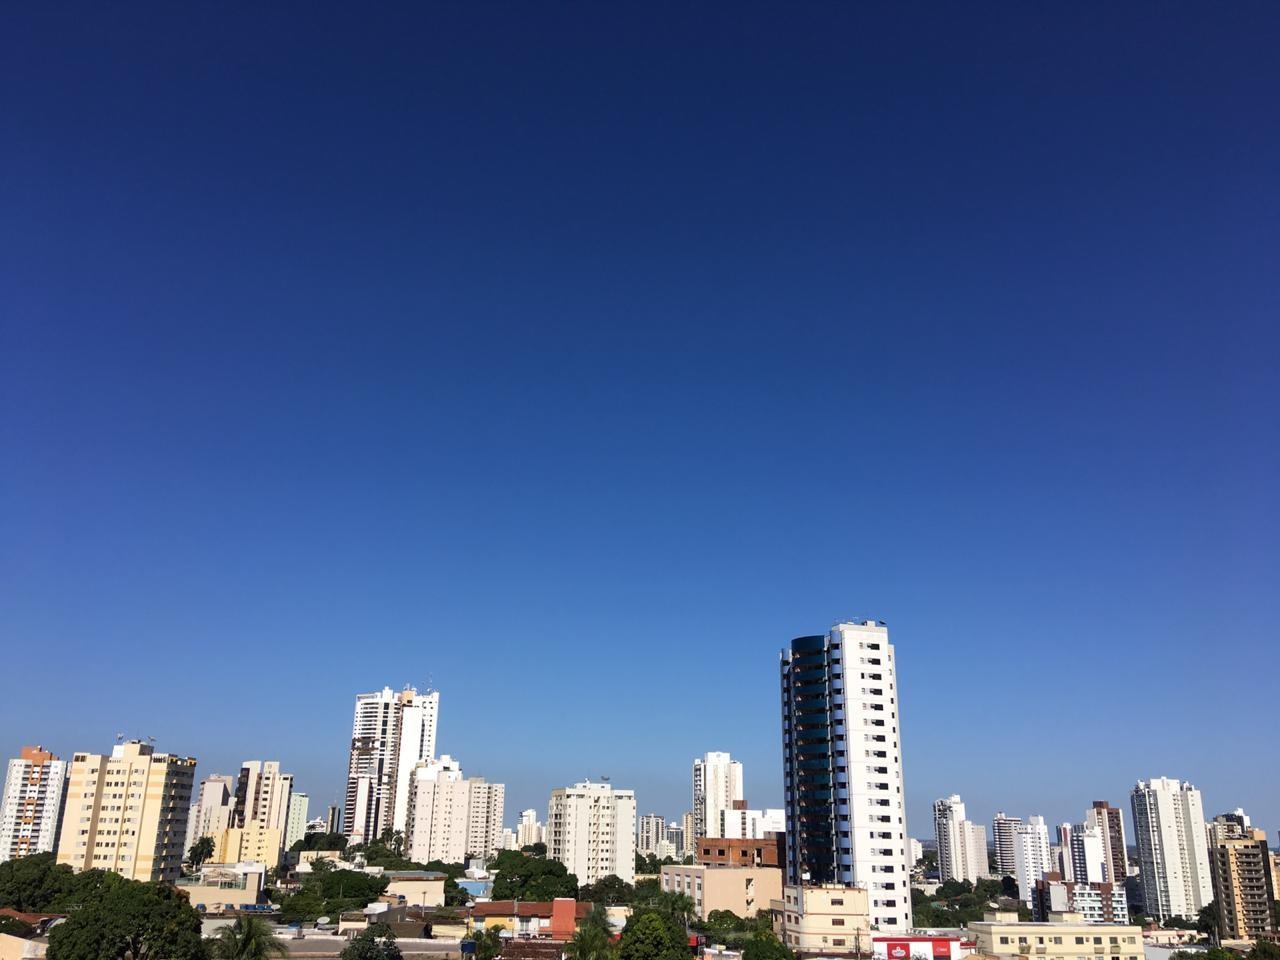 Umidade relativa do ar deve chegar a 11% nesta semana em Cuiabá; nível é considerado crítico